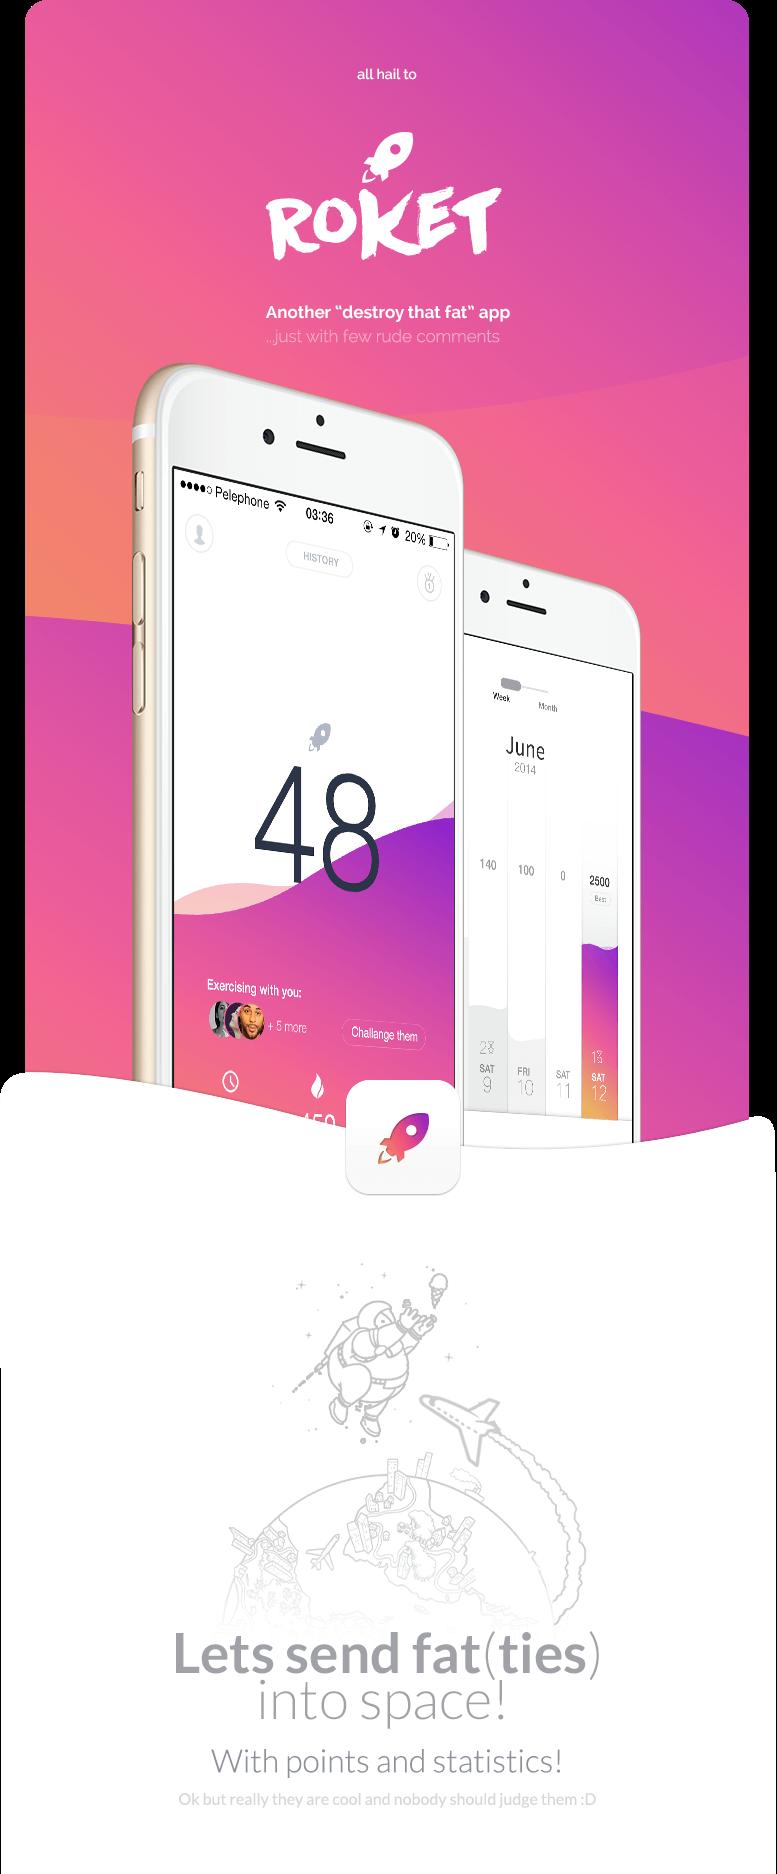 طراحی رابط کاربری الهام بخش برای پروژه بعدی شما